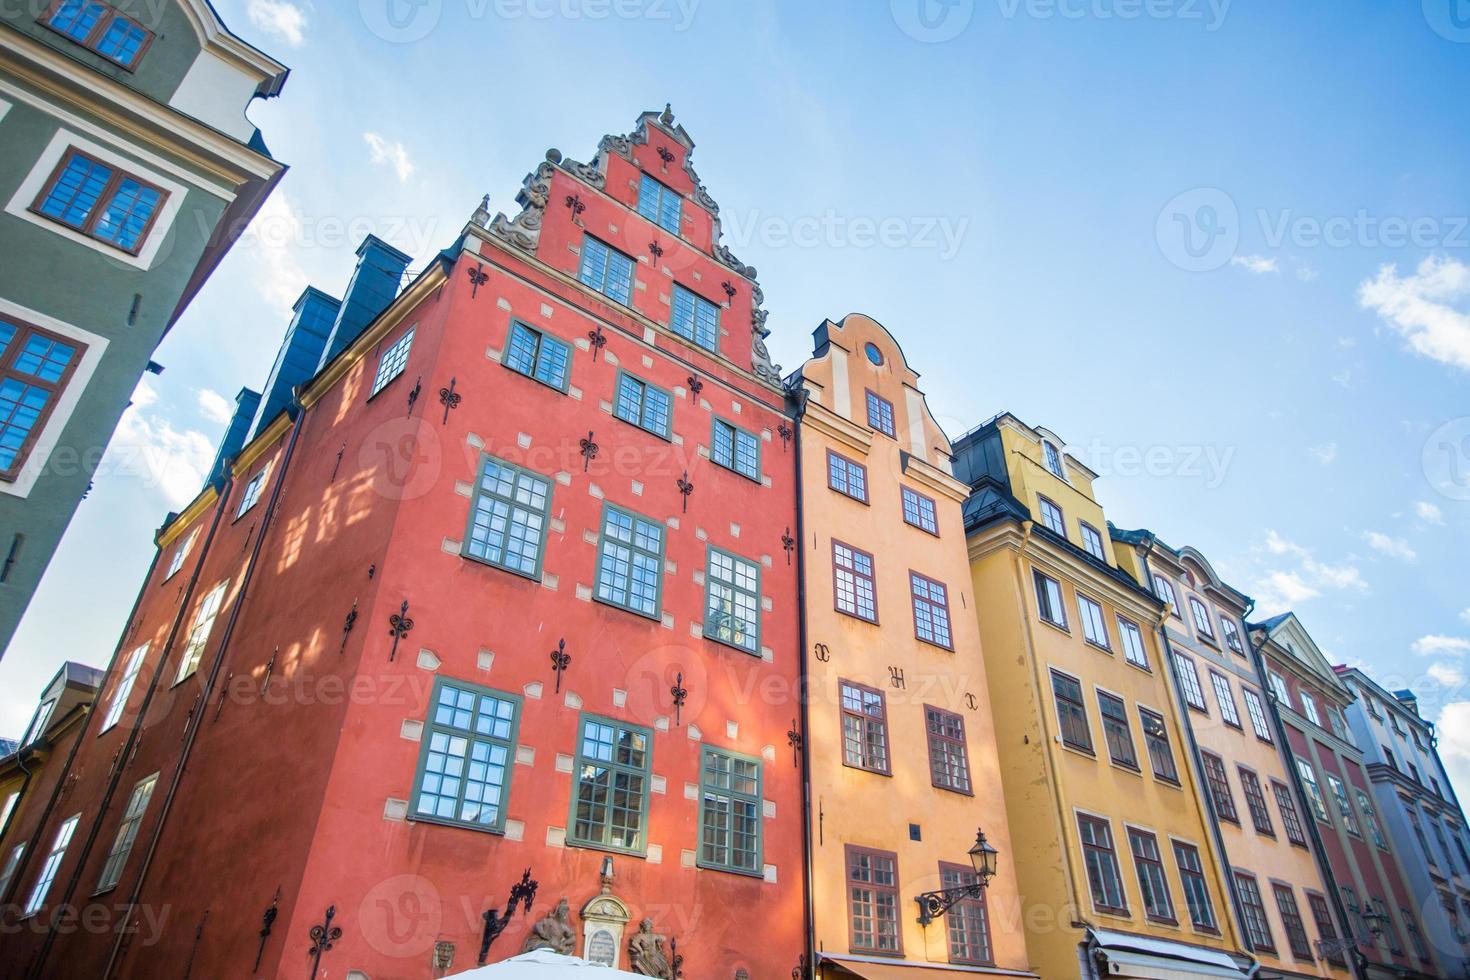 casas coloridas en el casco antiguo de estocolmo foto